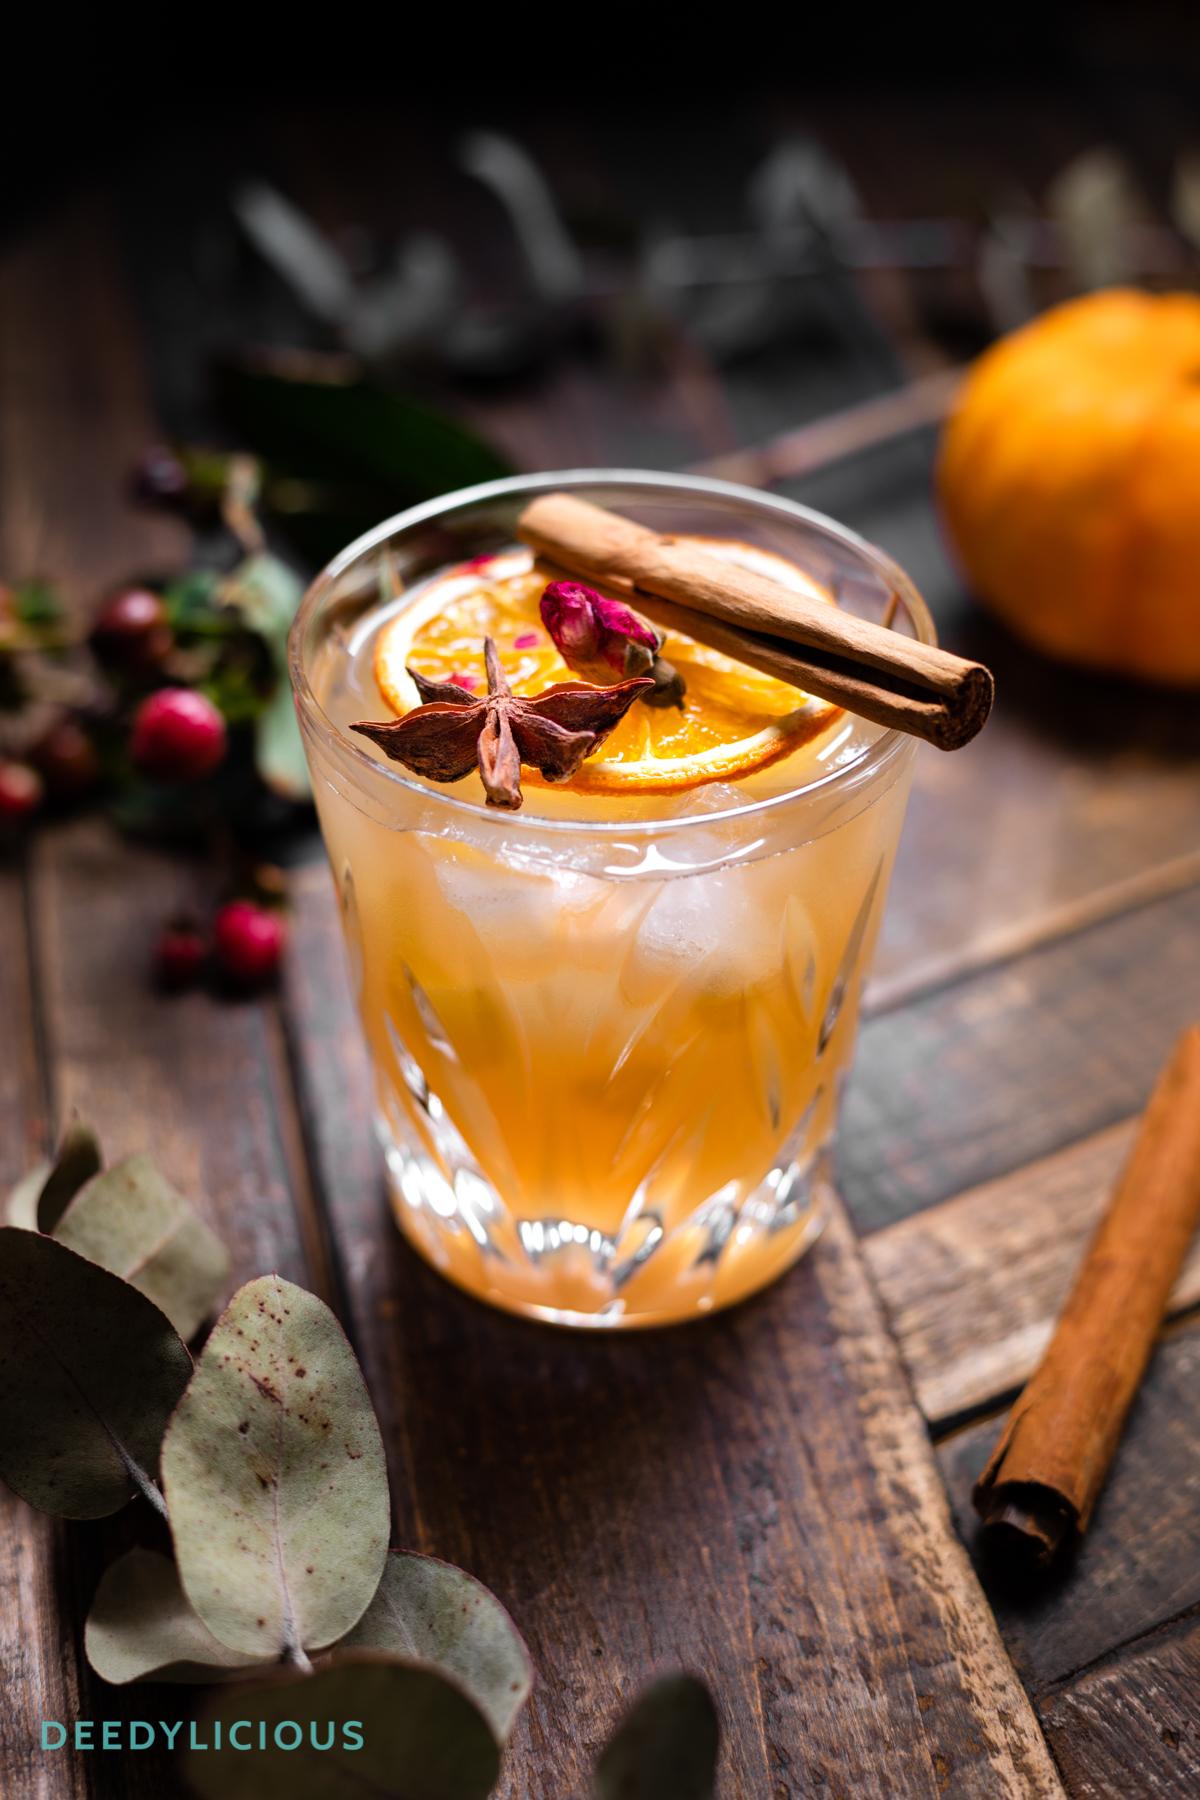 Glas met kruidige cocktail met kaneelstokje bovenop | Food fotograaf DeedyLicious